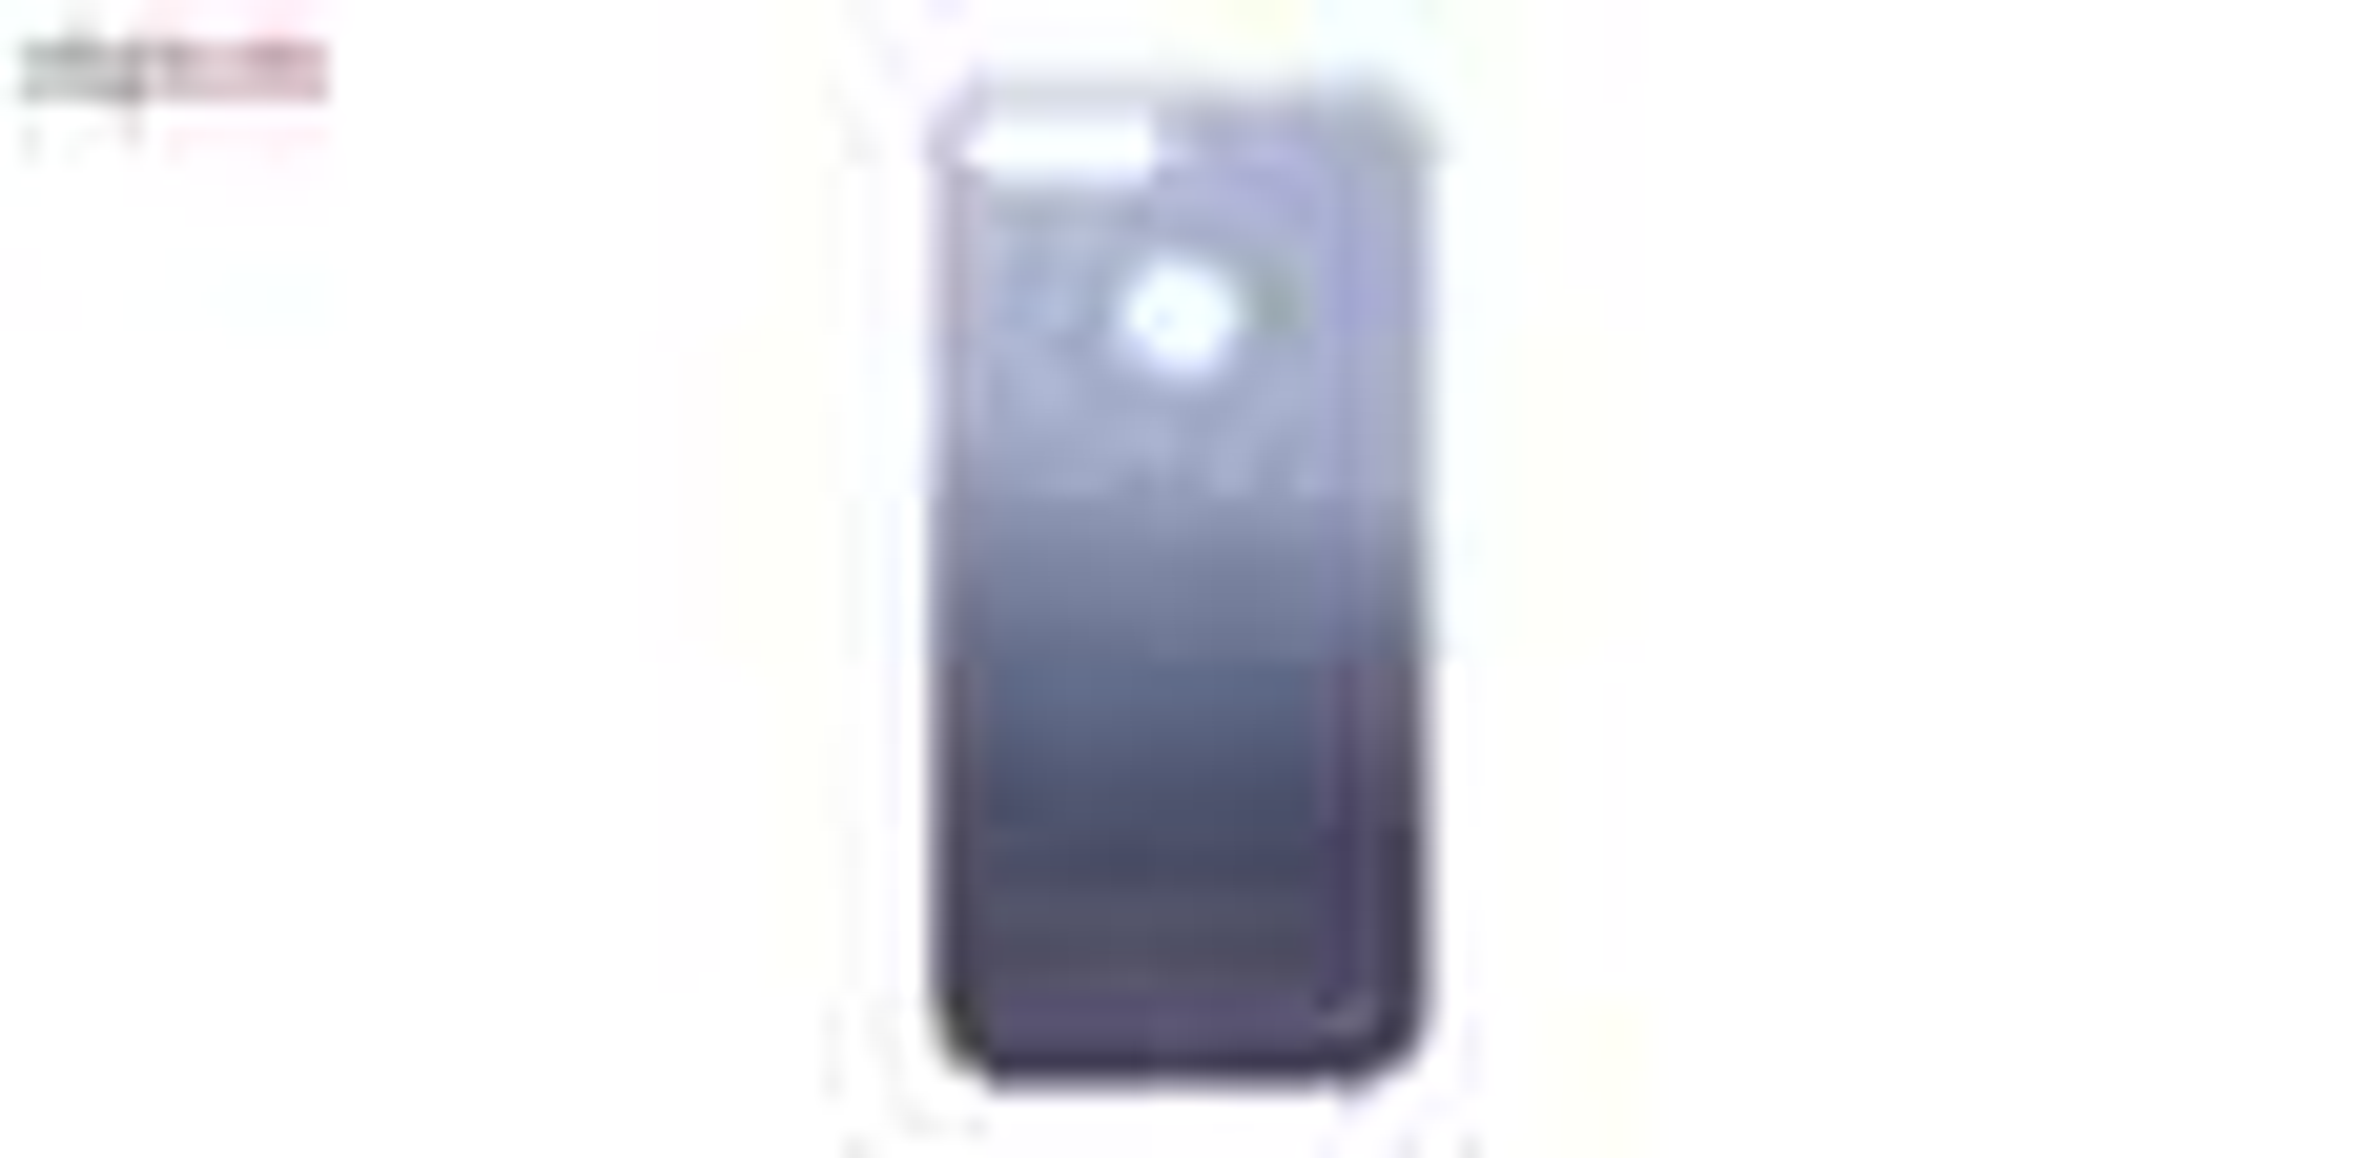 کاور مدل CORONA طرح اکلیلی مناسب برای گوشی هوآوی P smart main 1 1